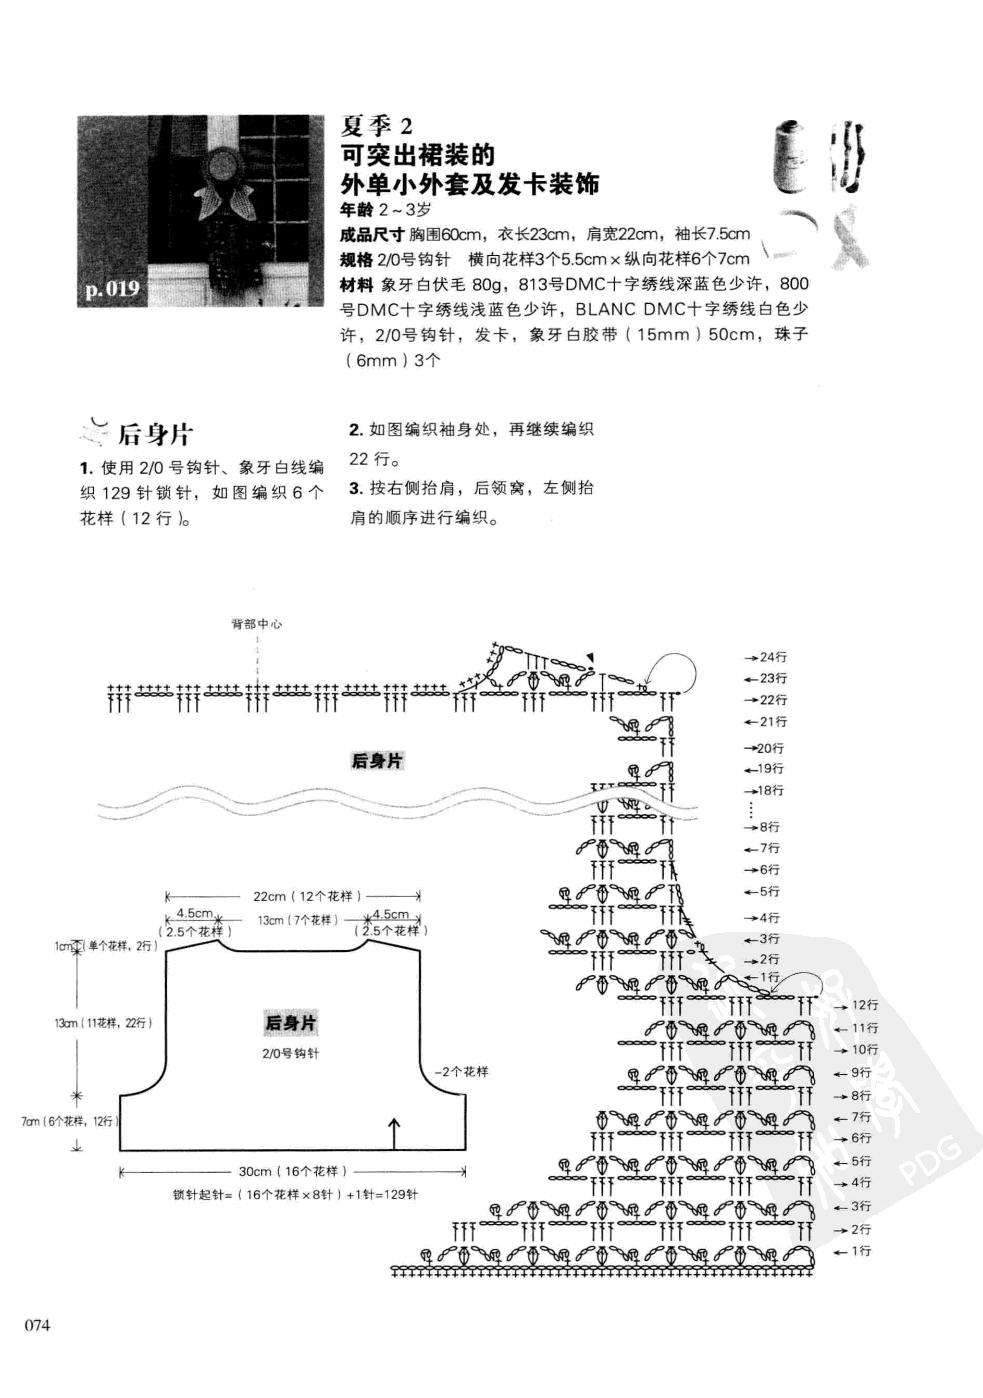 绿野图解 (2).jpg